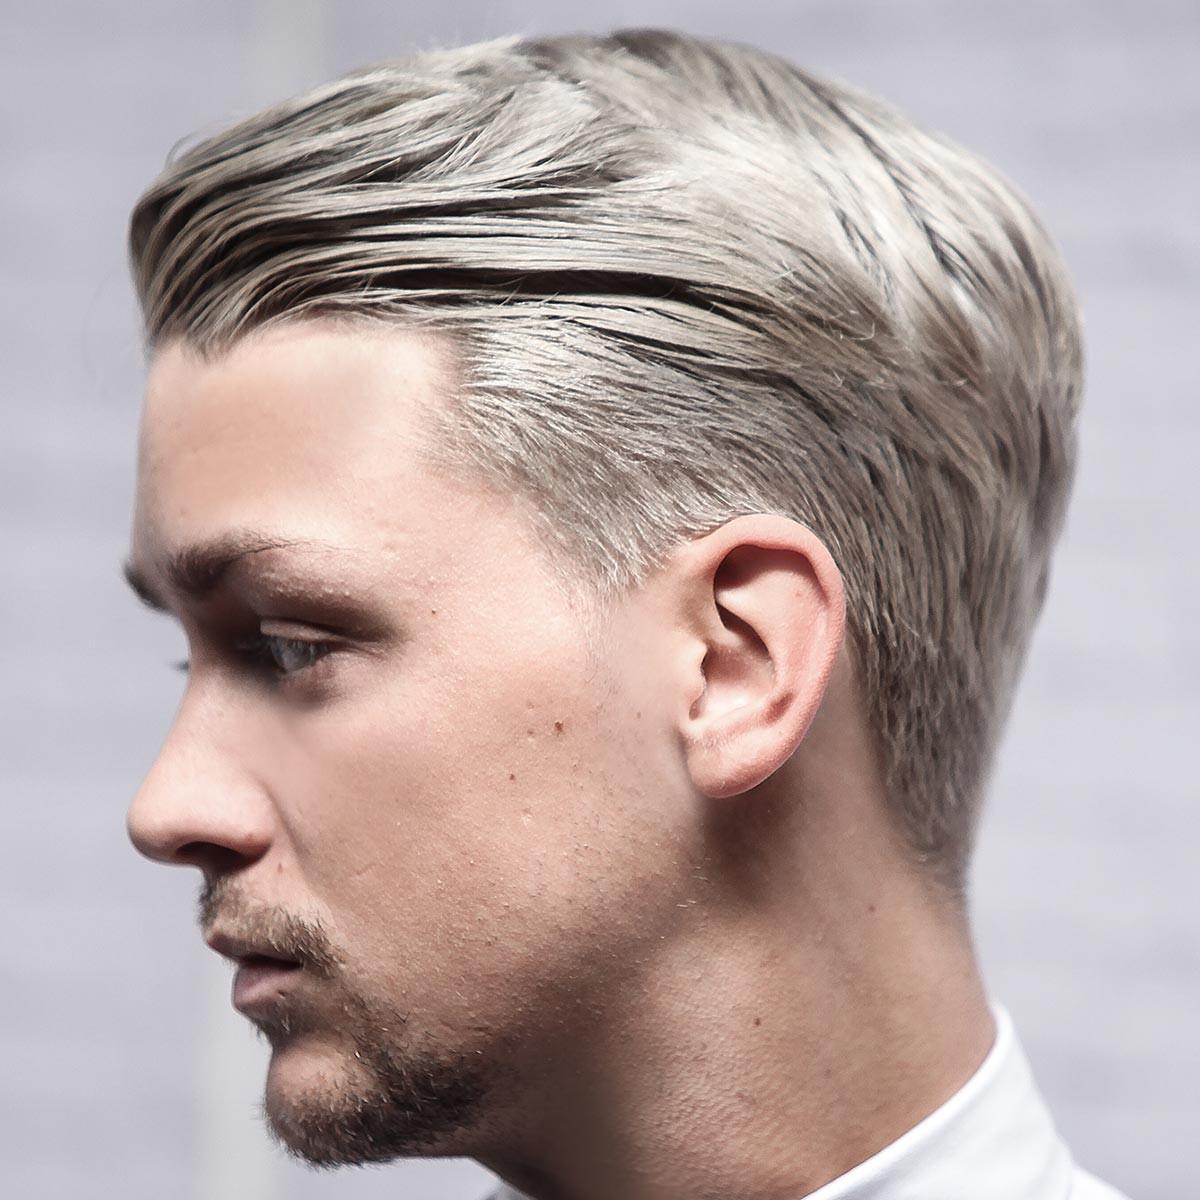 Frisuren App Männer  Frisuren Männer – Haarstudio Wildangel